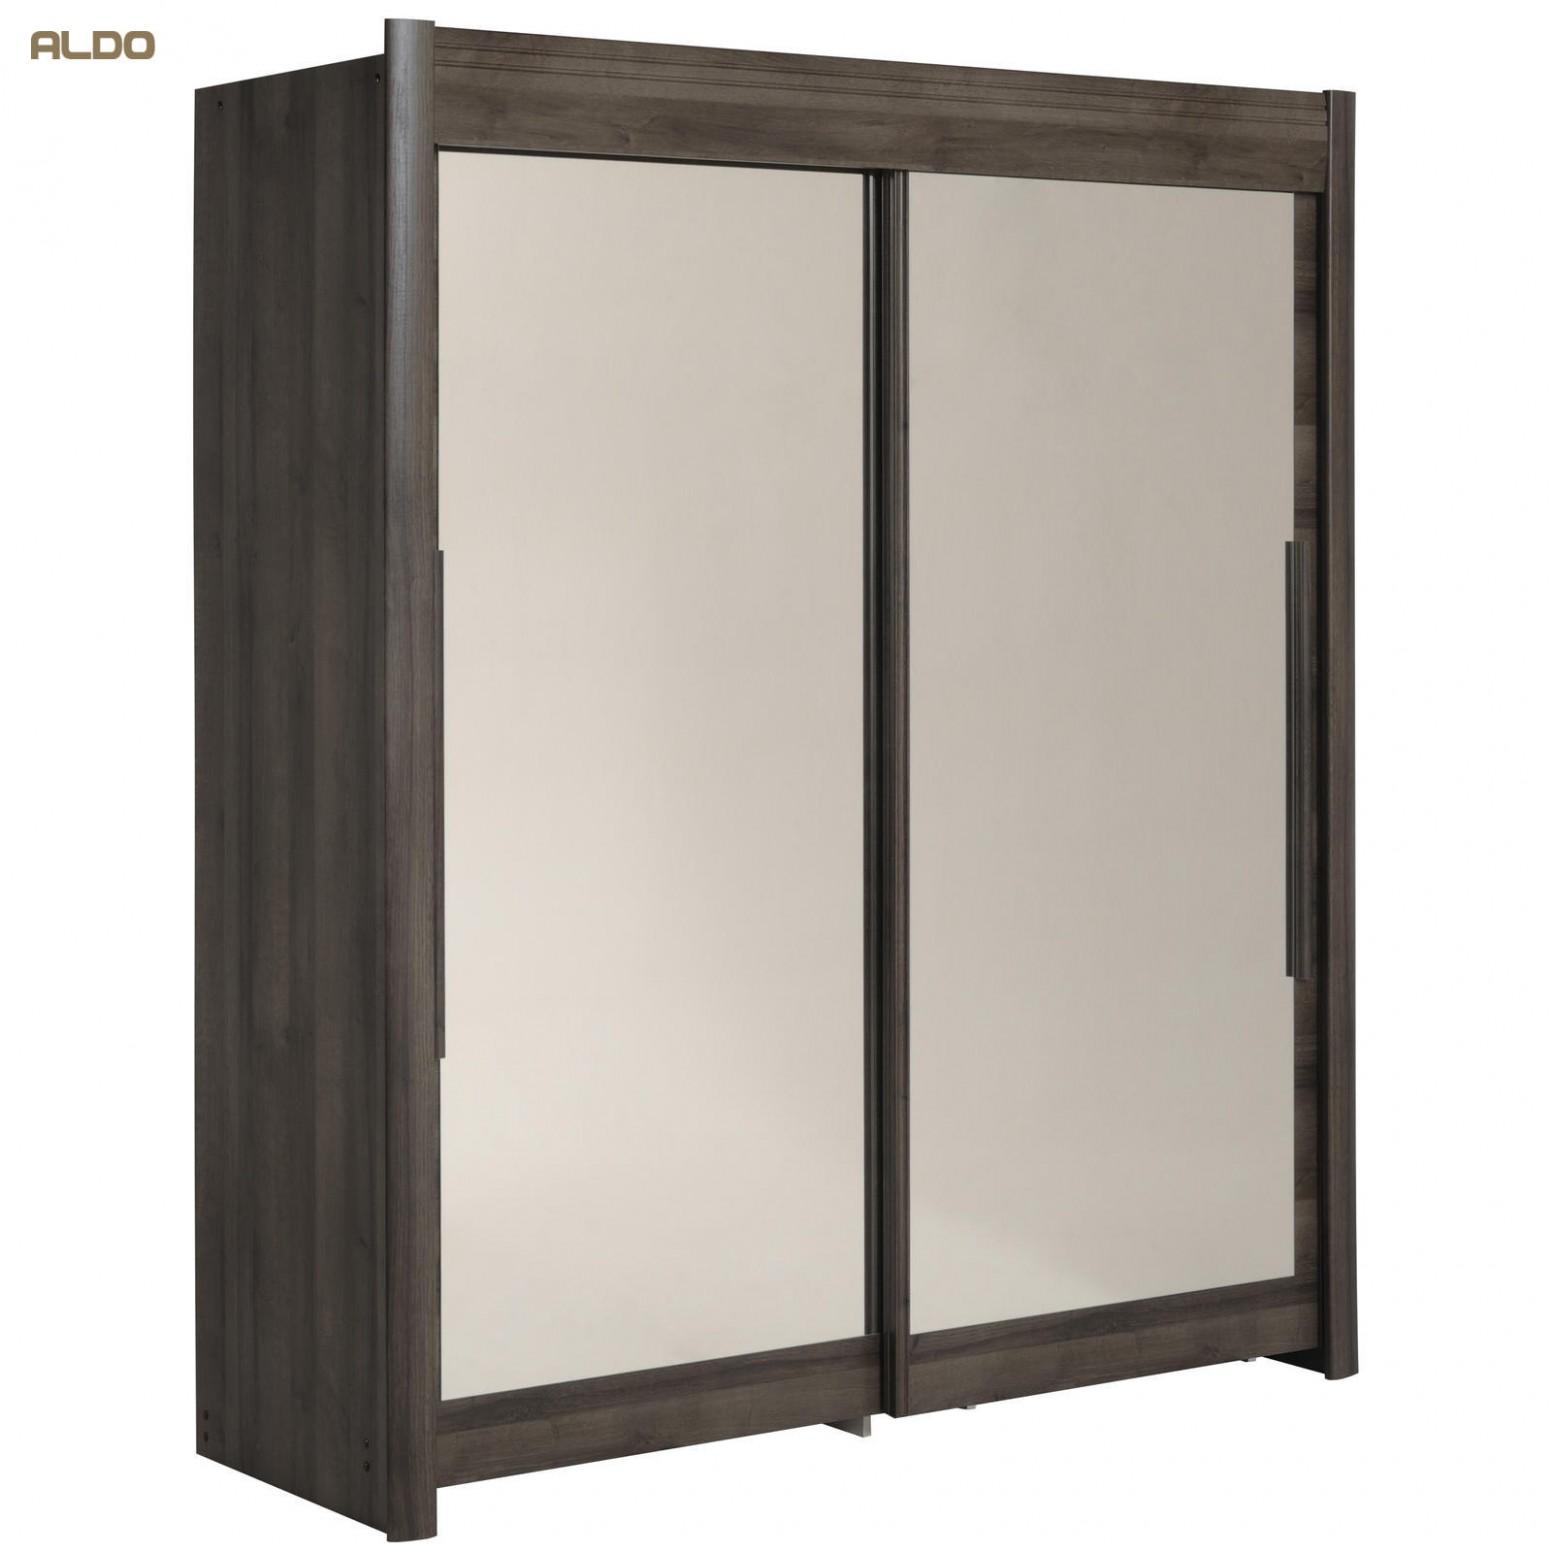 Šatní skříň s posuvnými dveřmi se zrcadly Celebrity RC54   Nábytek Aldo